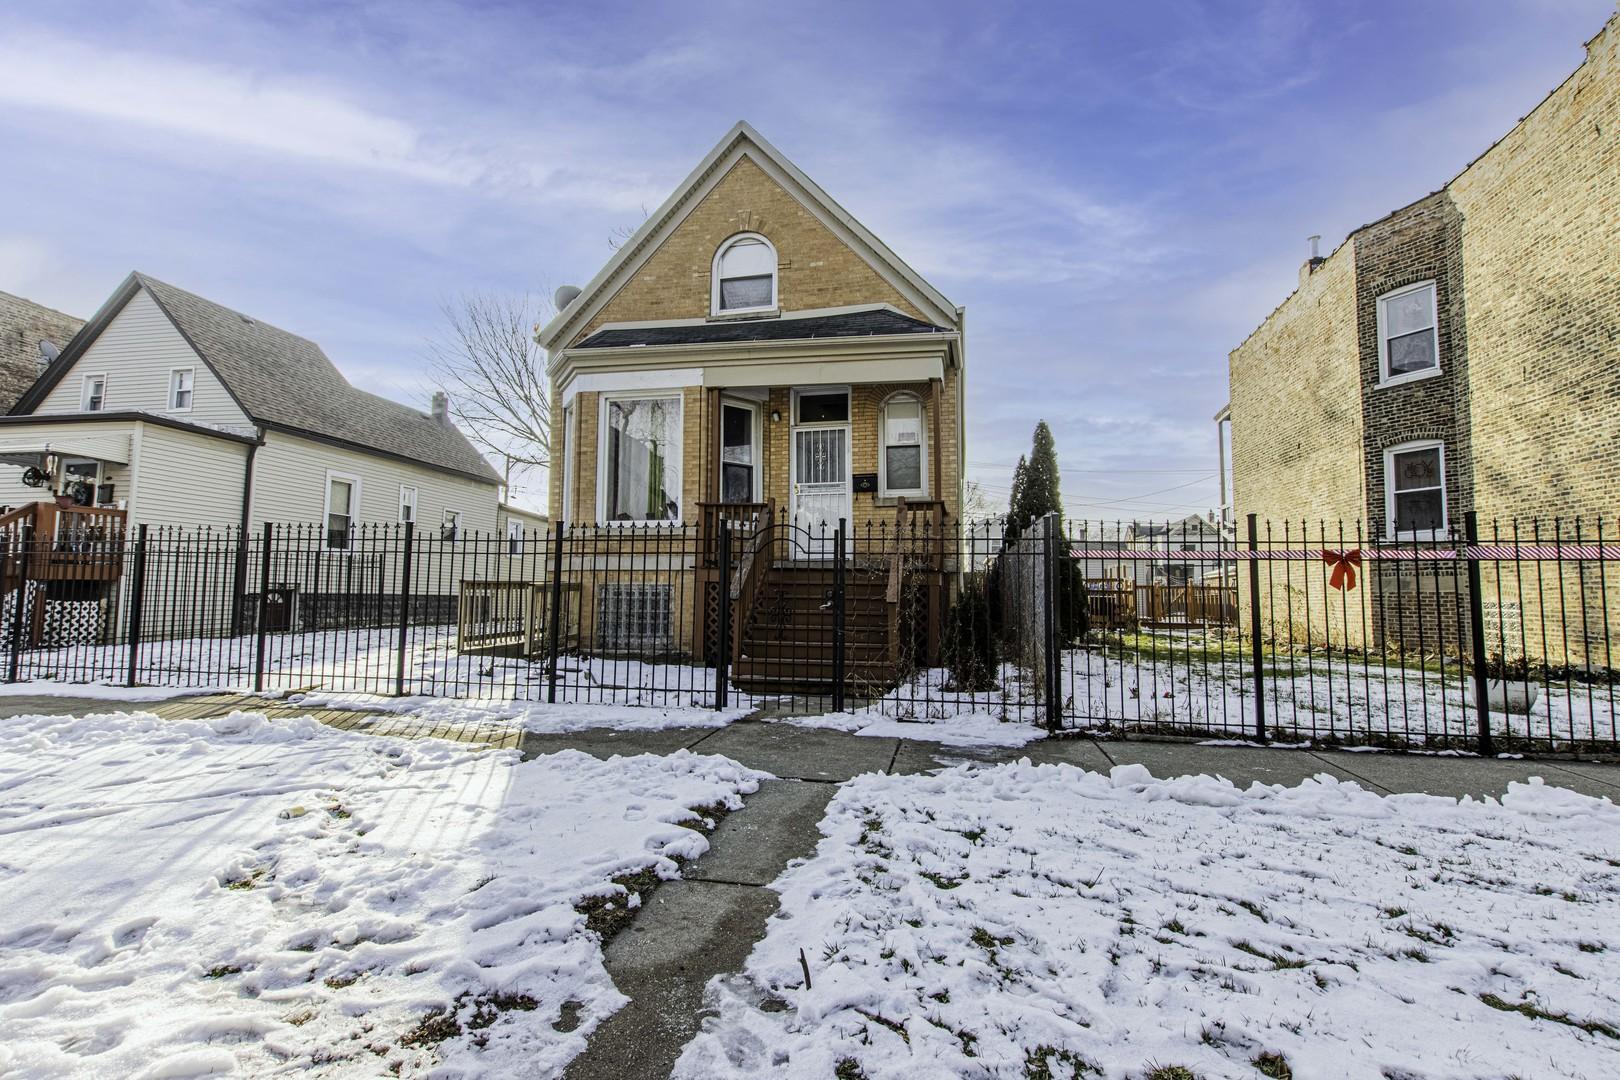 4137 W Van Buren Street, Chicago IL 60624